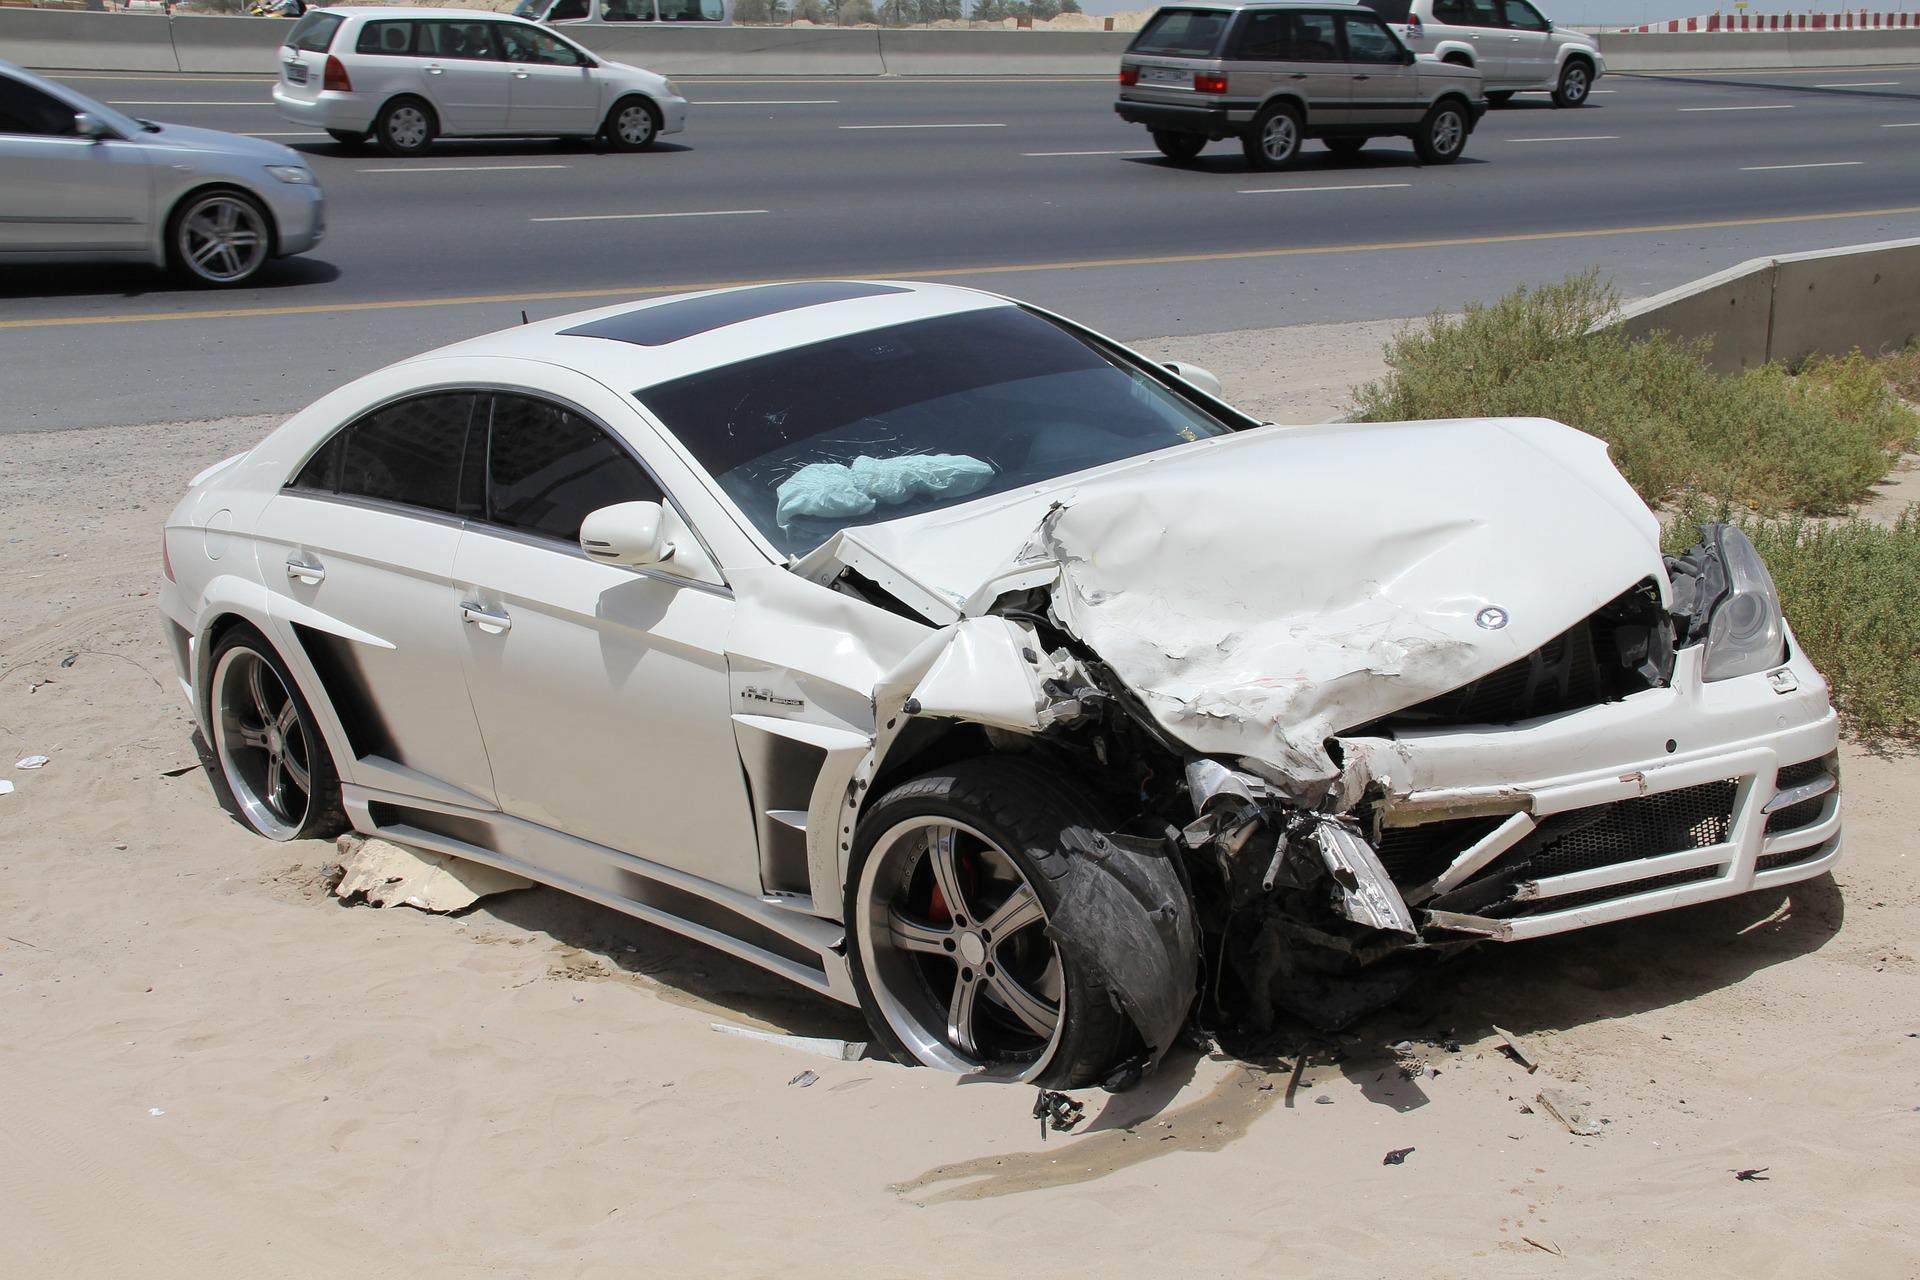 Accidente de tráfico, ¿cómo debo actuar?